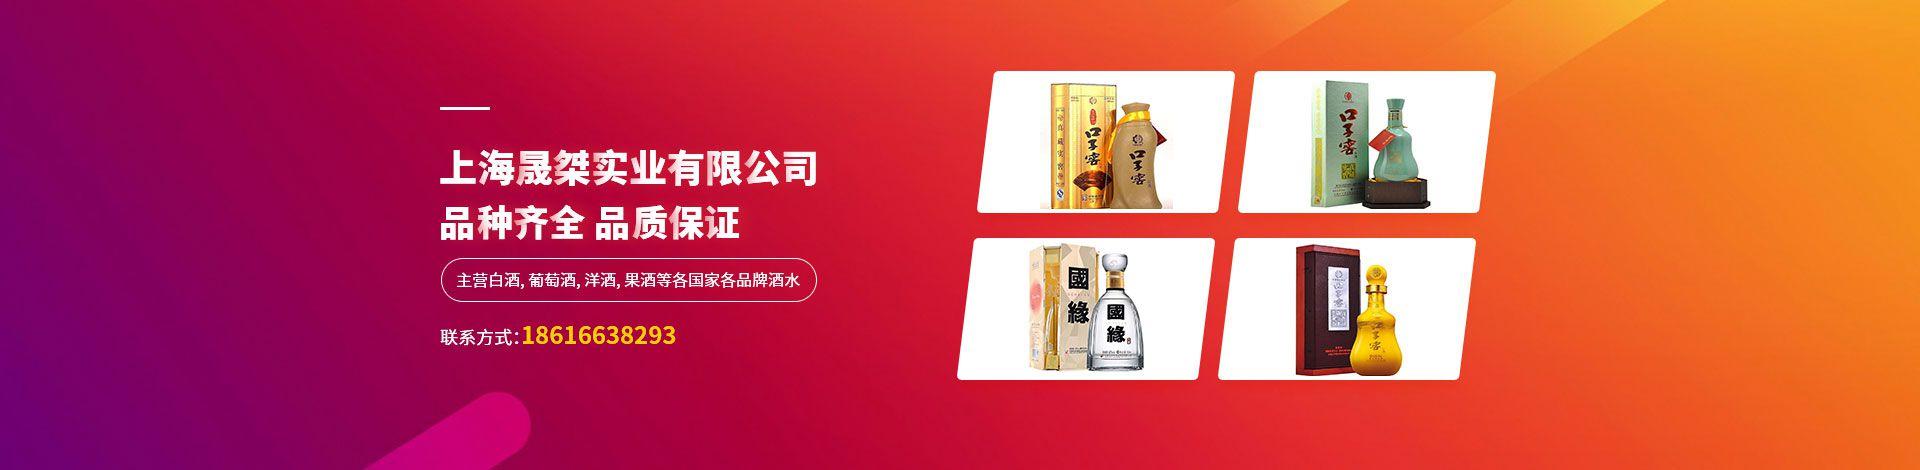 上海晟桀实业有限公司